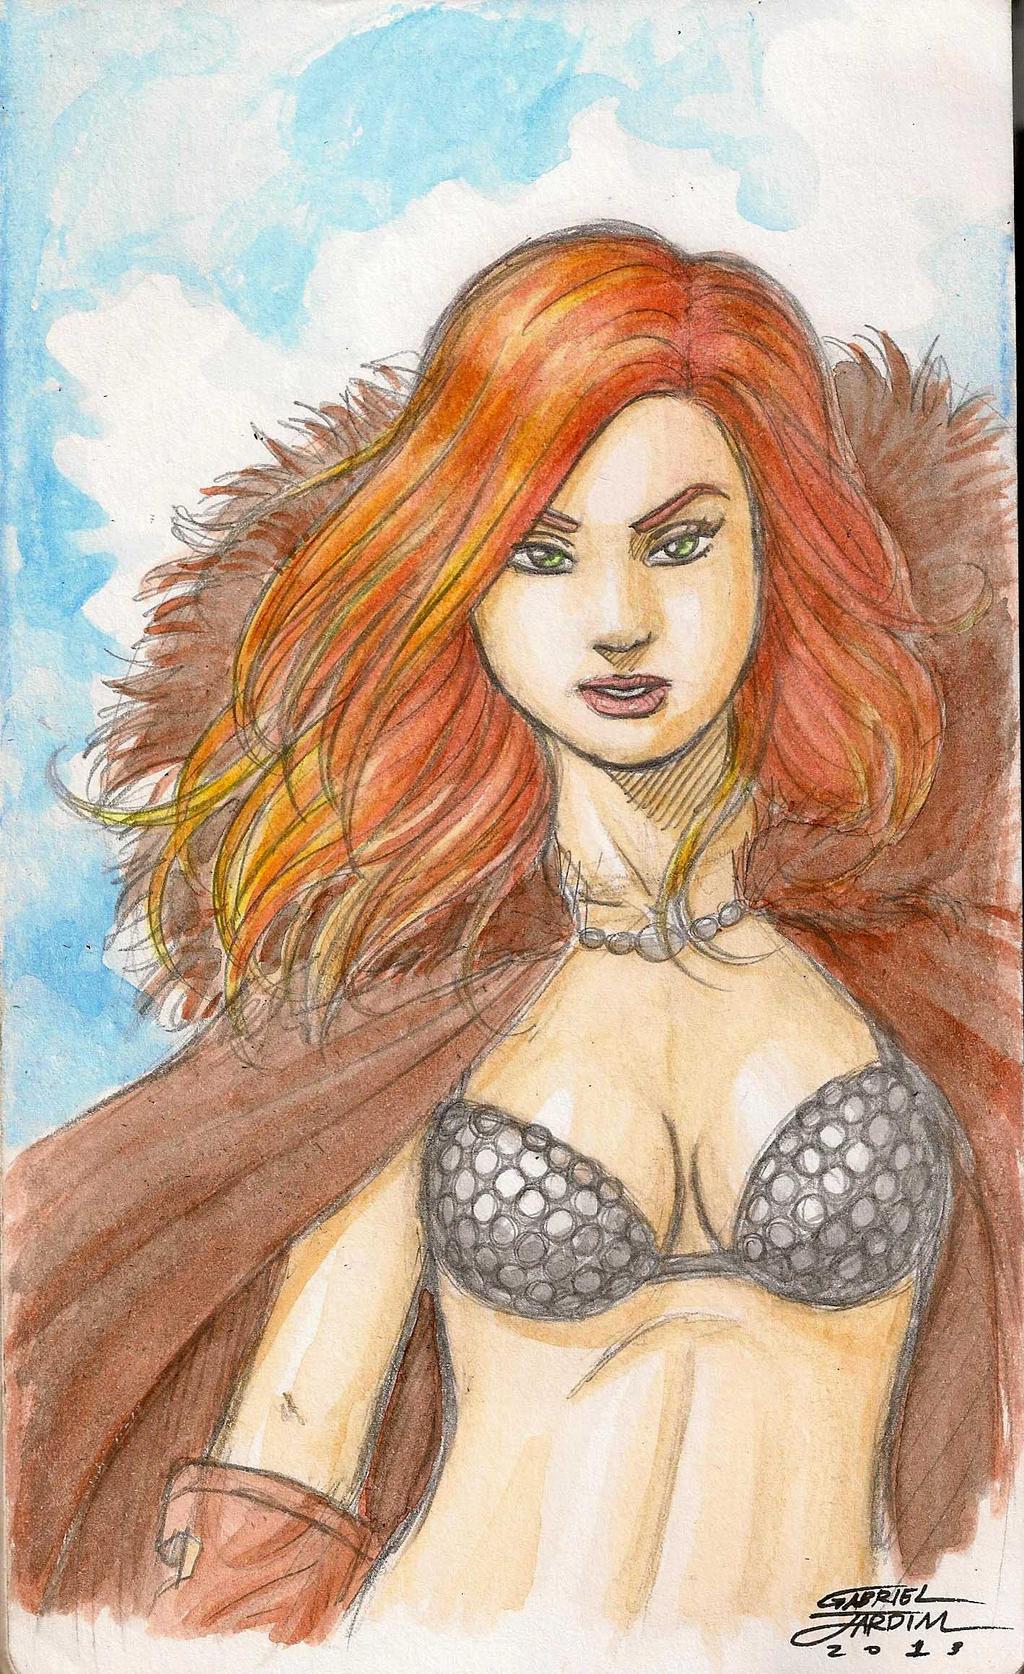 Red Sonja by GabrielJardim